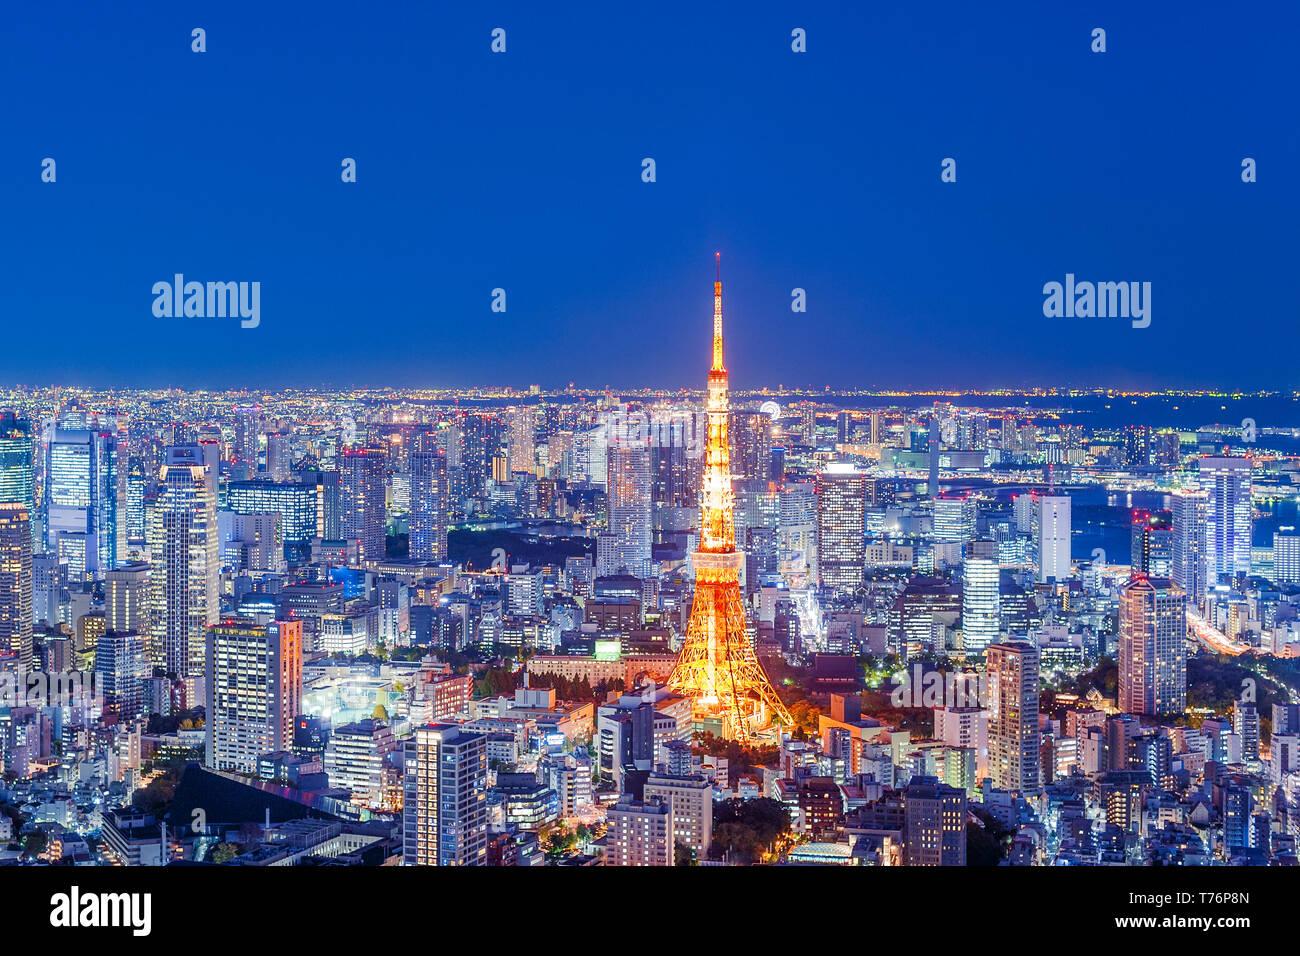 Vista de la Torre de Tokyo de noche las luces del horizonte de Tokio Imagen De Stock